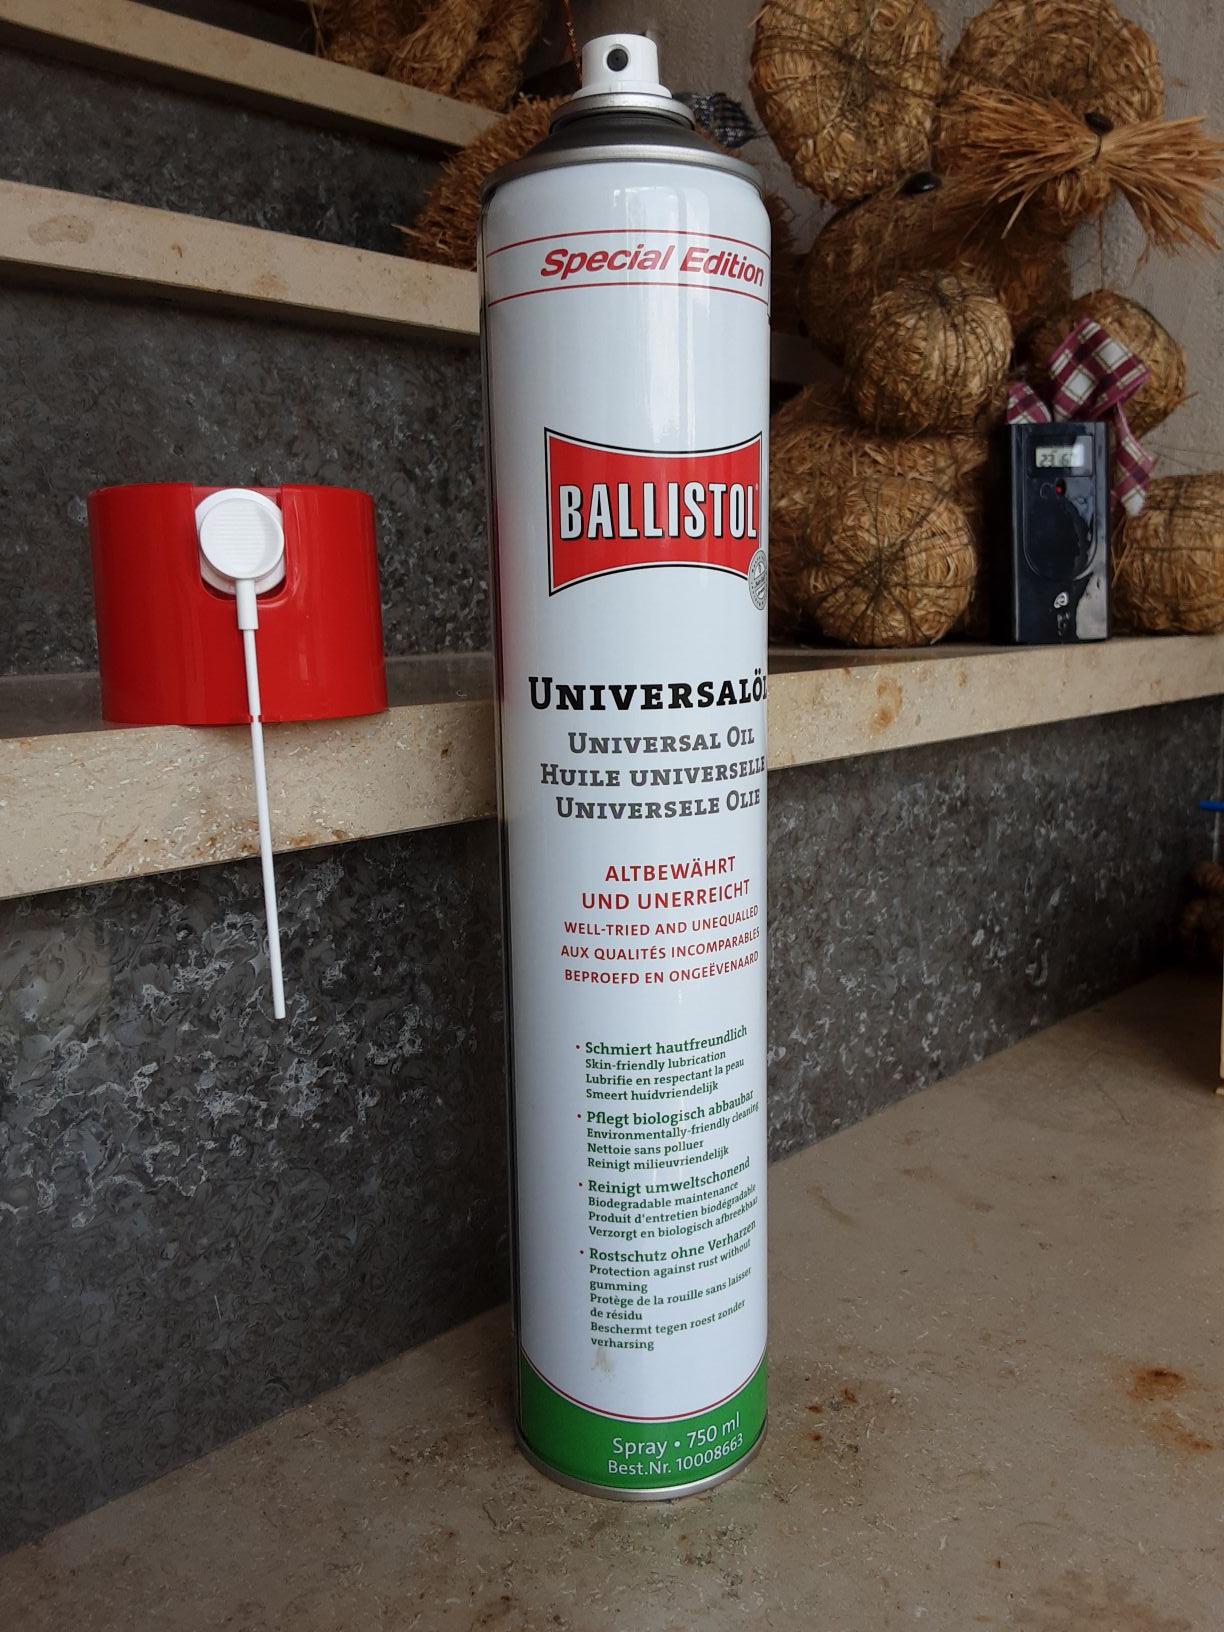 Ballistol Universalöl, 750ml Louis Edition, 12,99eu, 17,32eu/ l, Vk frei ab 199eu ODER Filialabholung